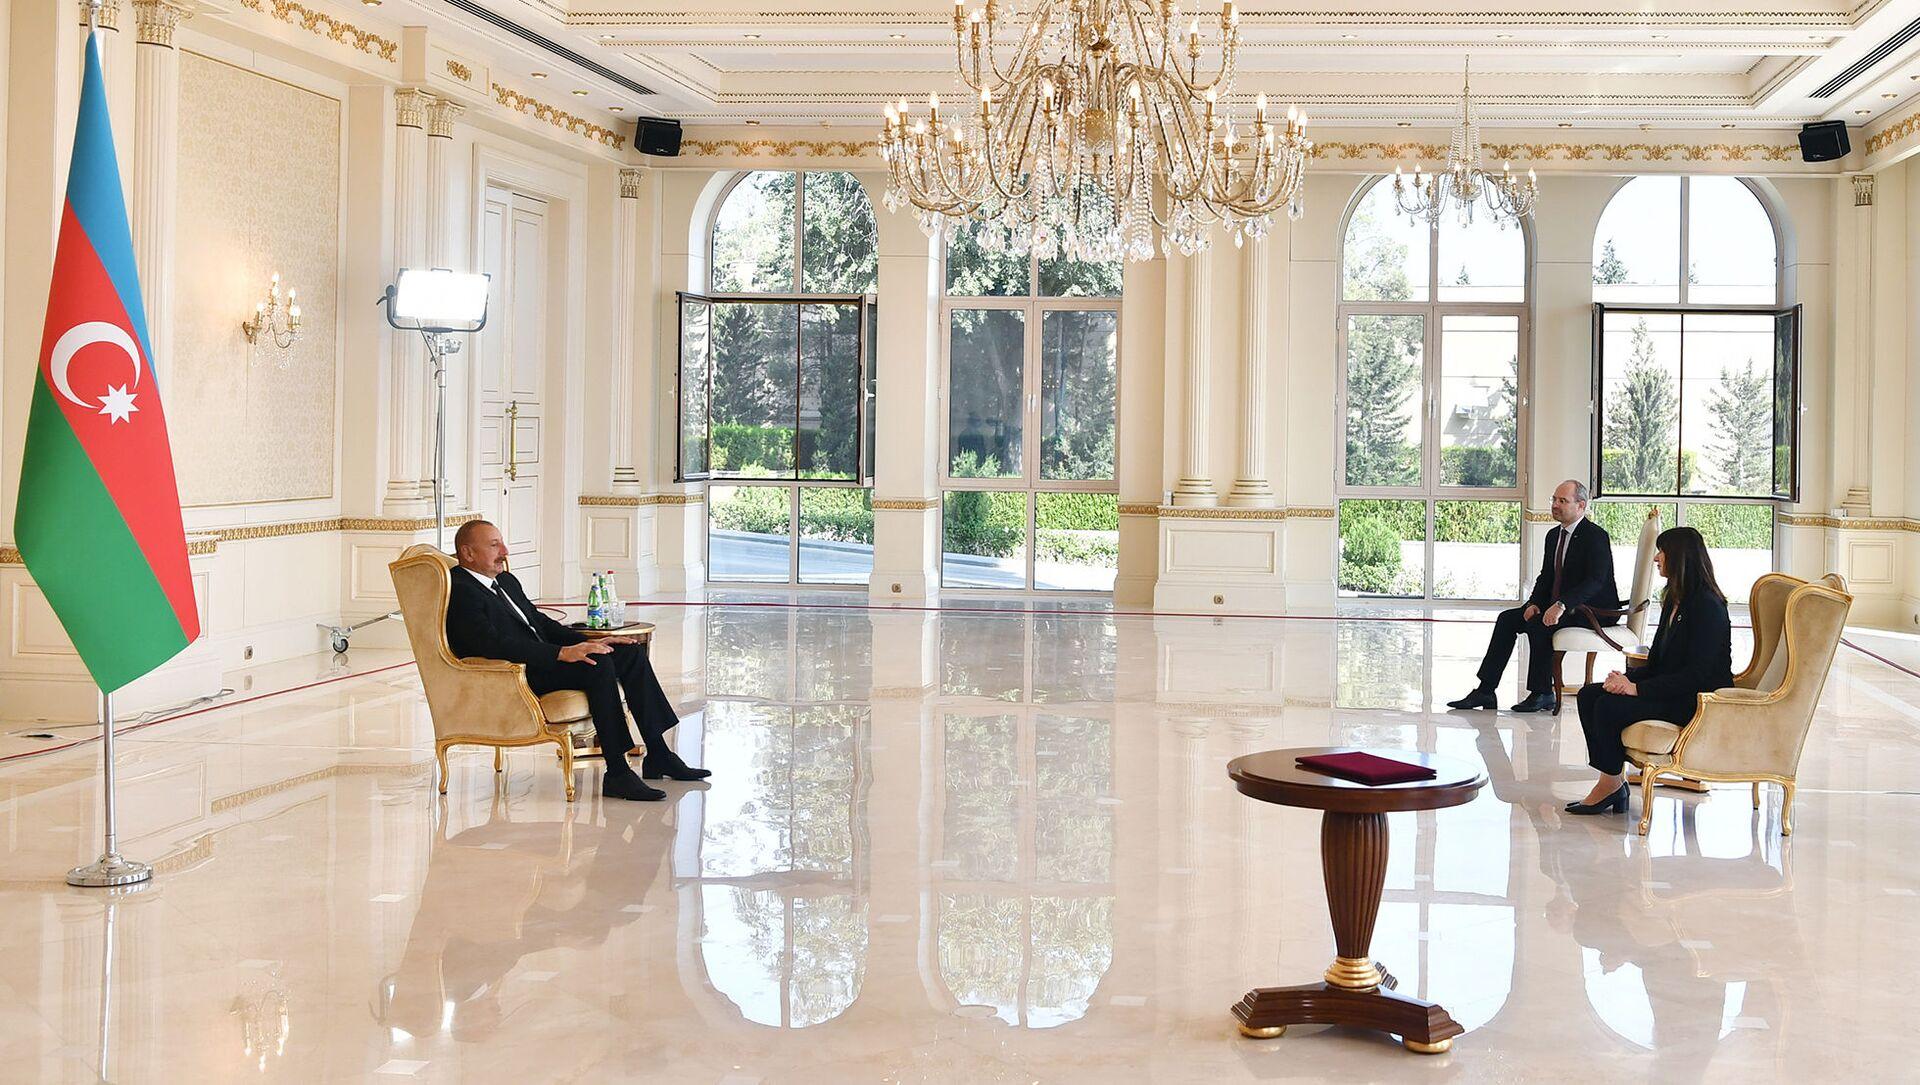 Президент Ильхам Алиев принял новоназначенного резидента-координатора ООН в Азербайджане - Sputnik Azərbaycan, 1920, 24.08.2021